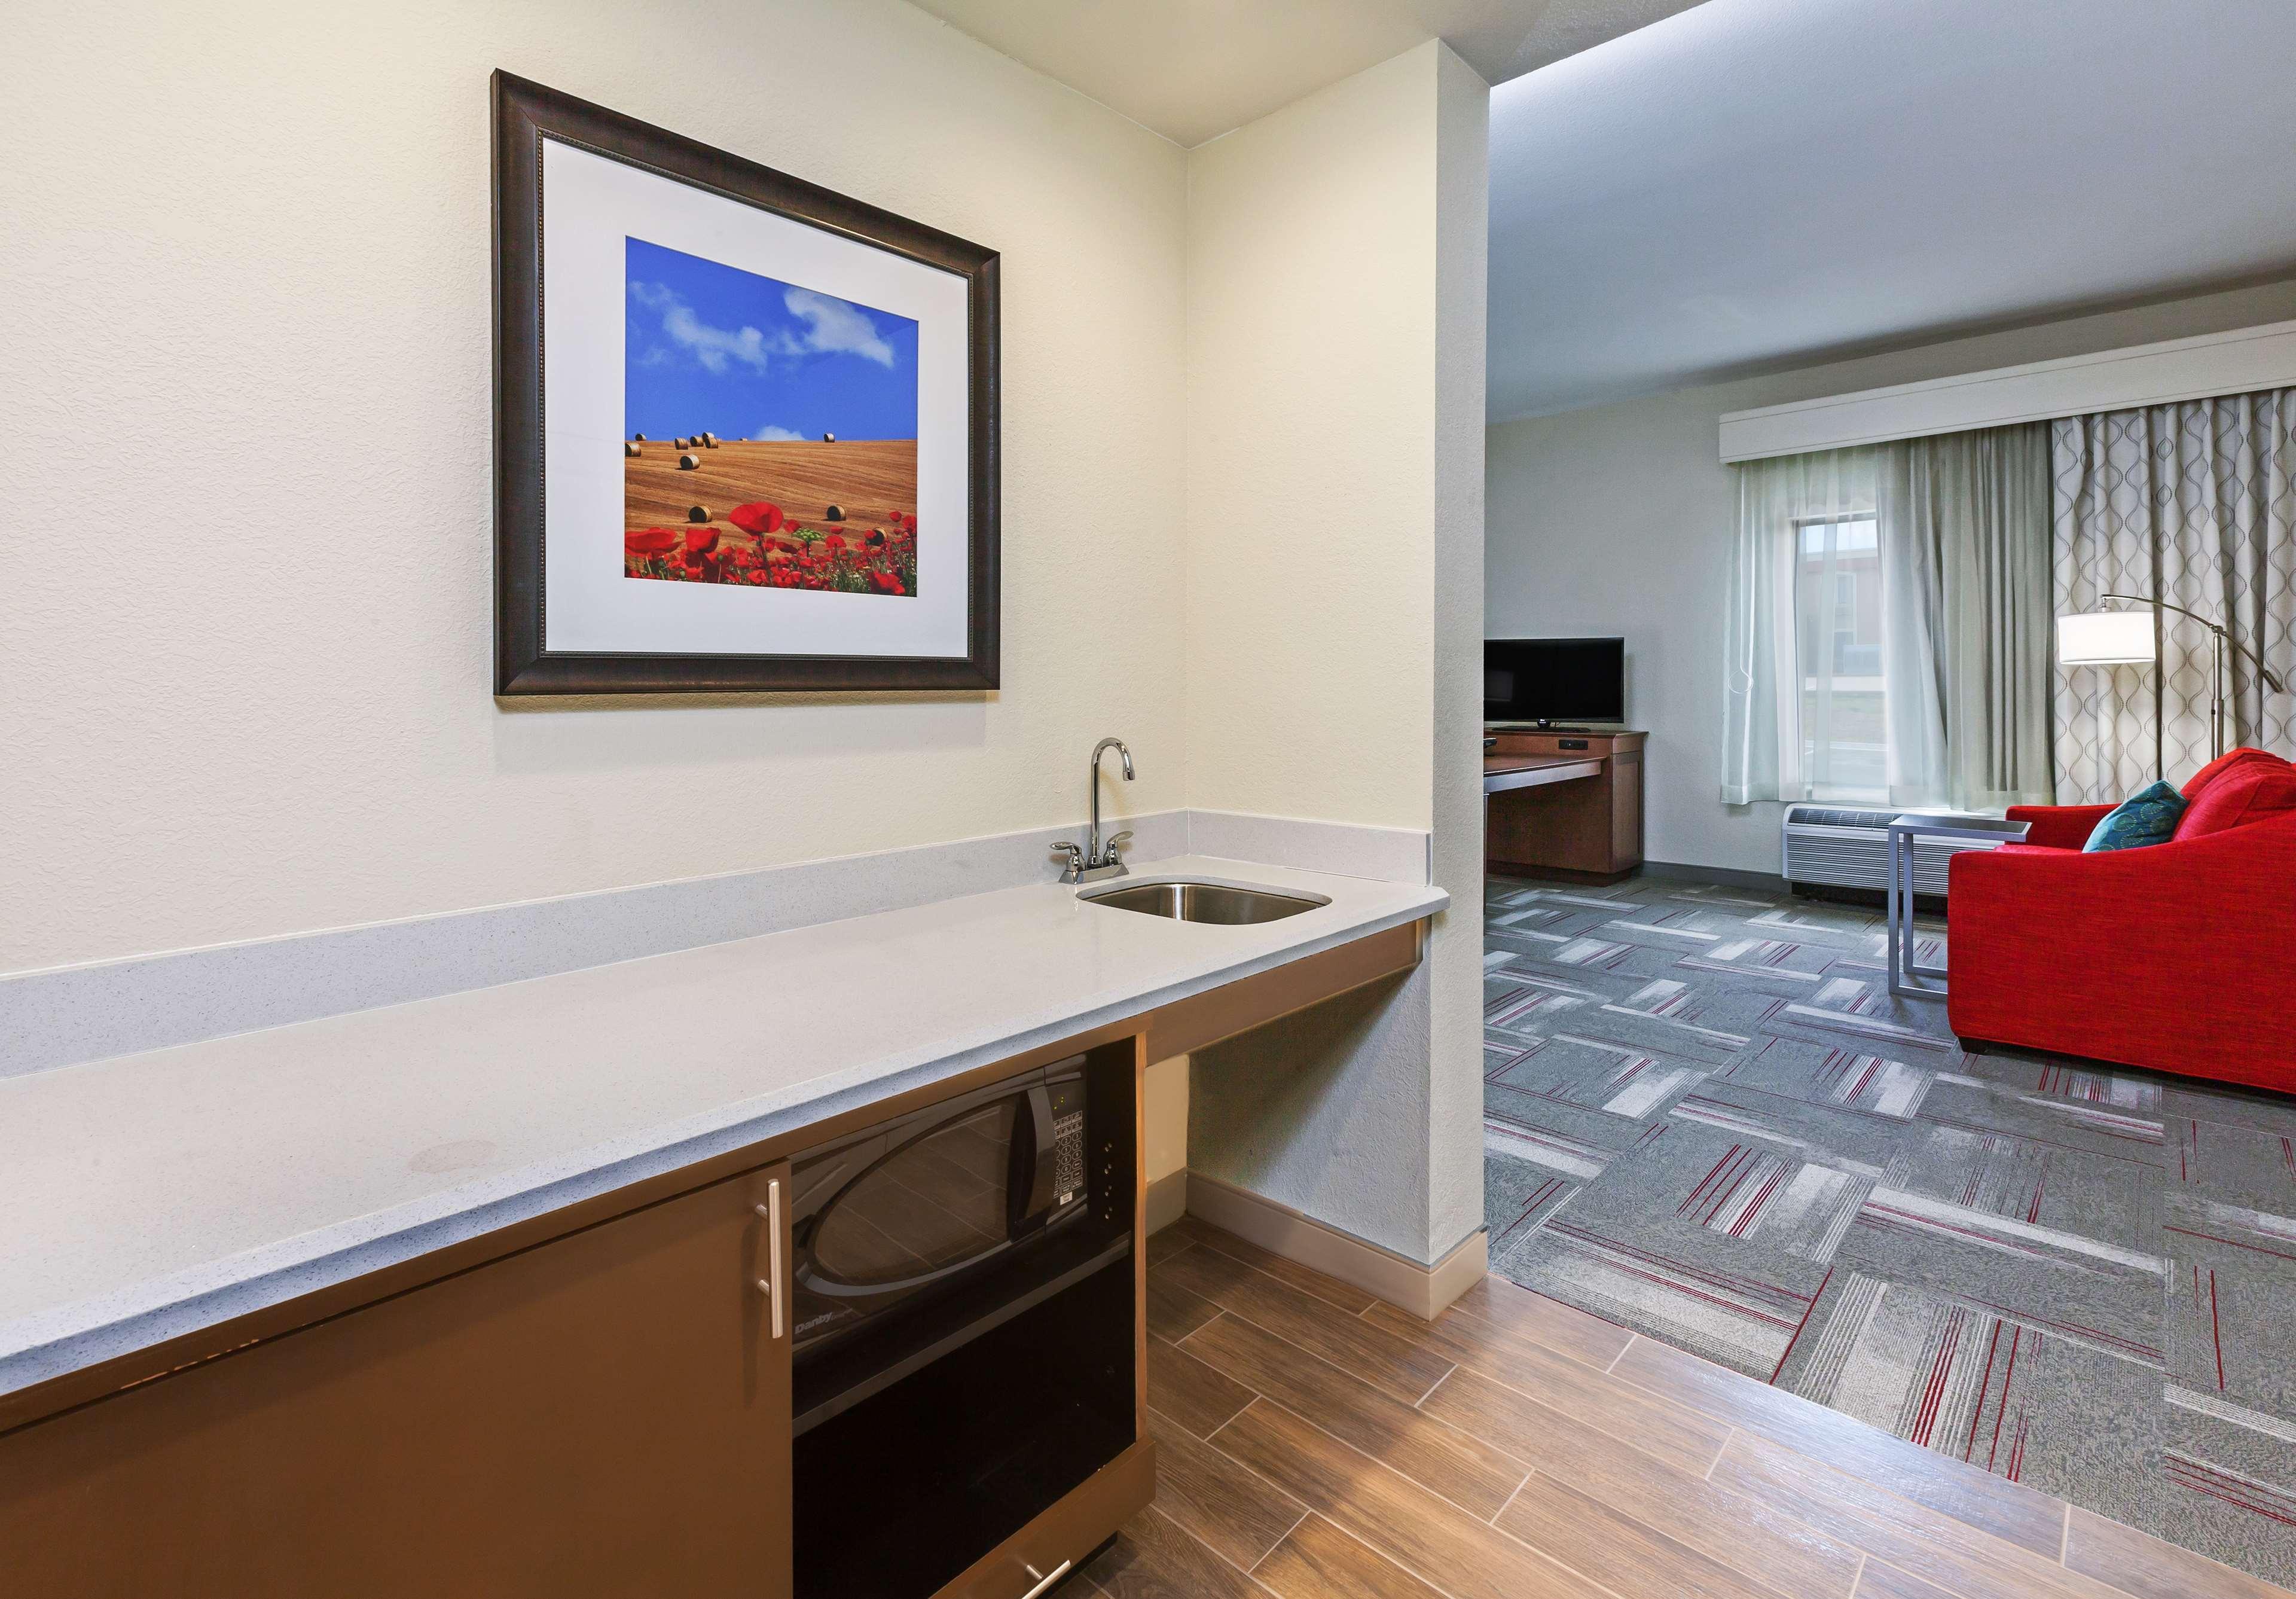 Hampton Inn & Suites Claremore image 24